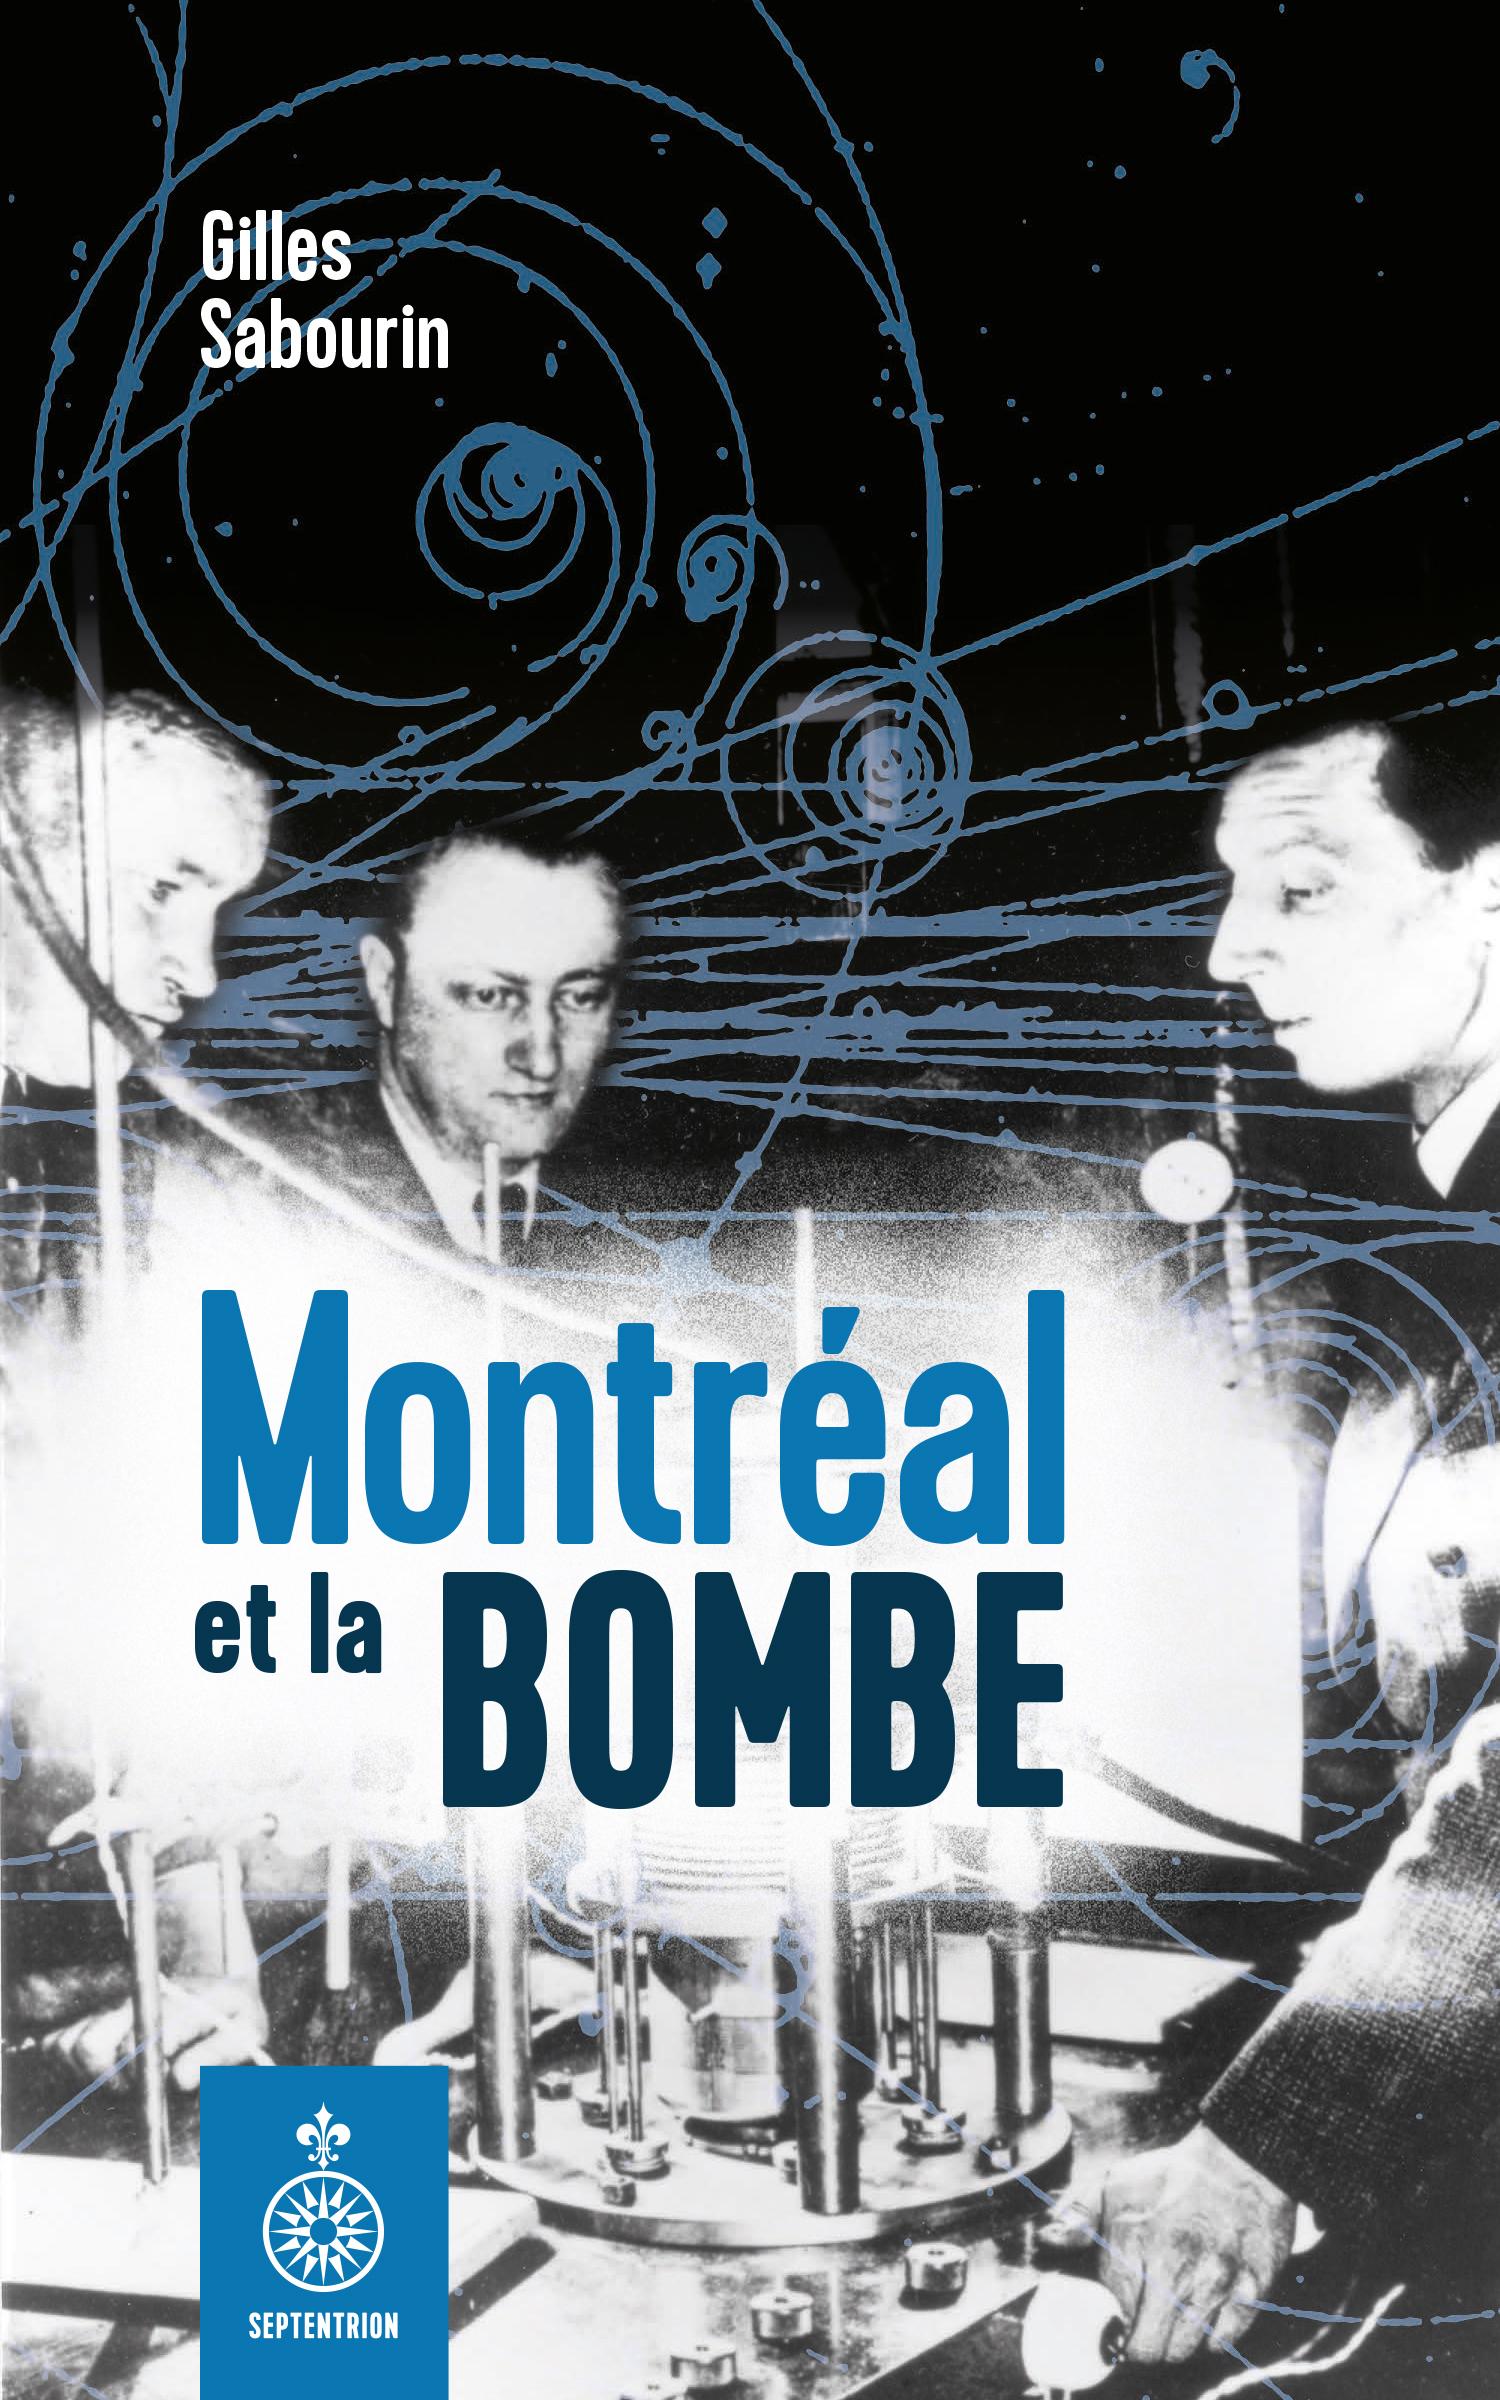 l'entrevue-éclair-MONTREAL-ET-LA-BOMBE-COUV-Gilles-Sabourin-Bible-urbaine